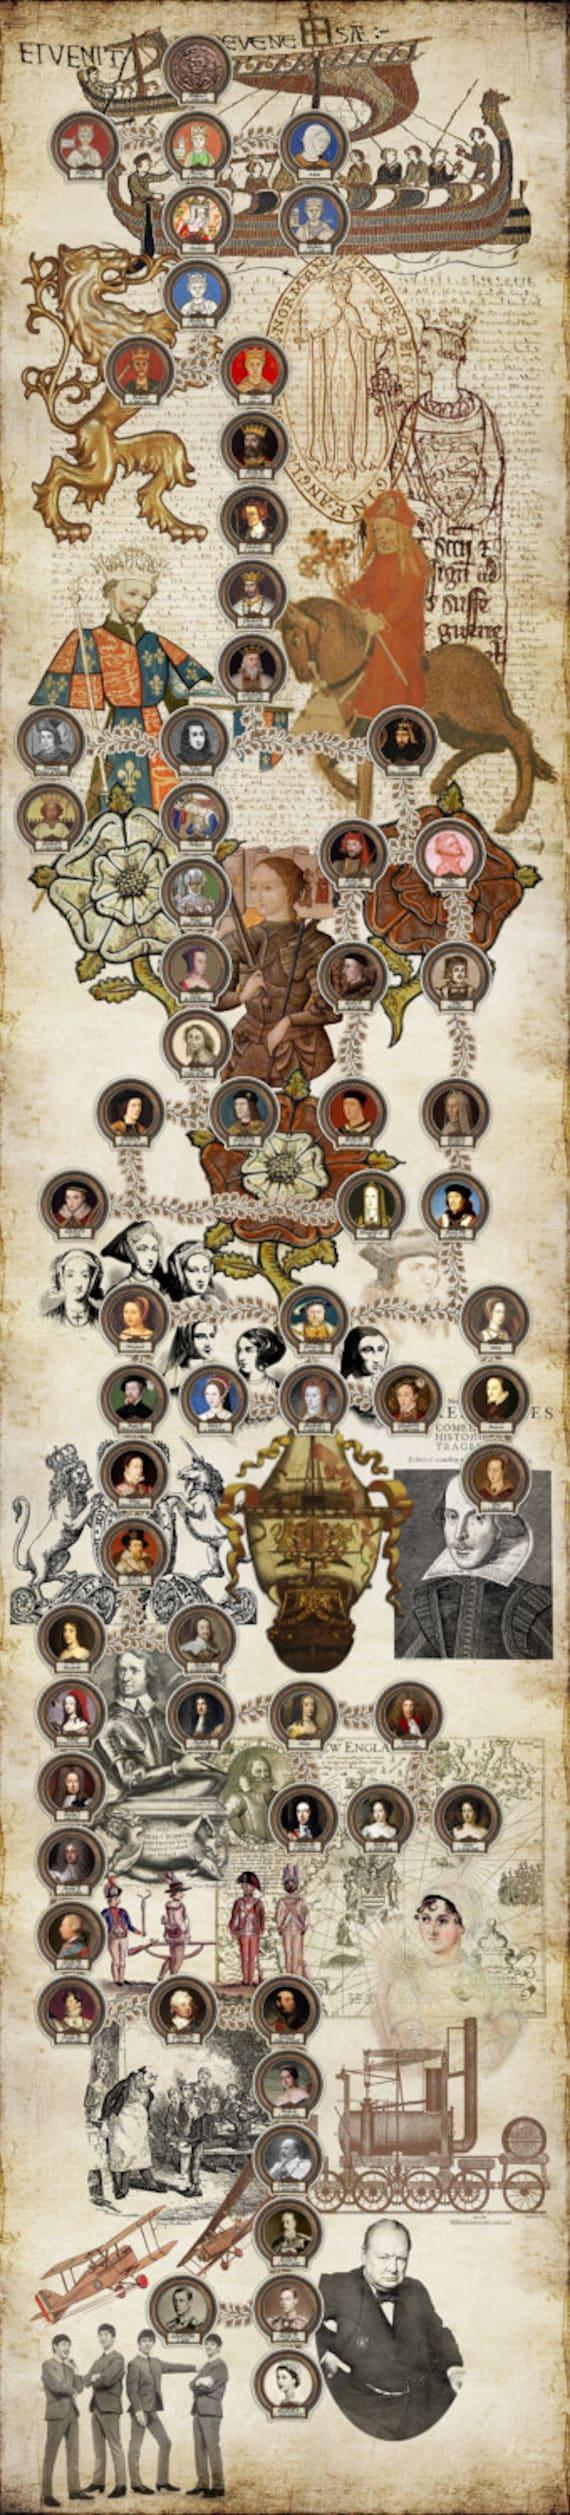 british monarchy list